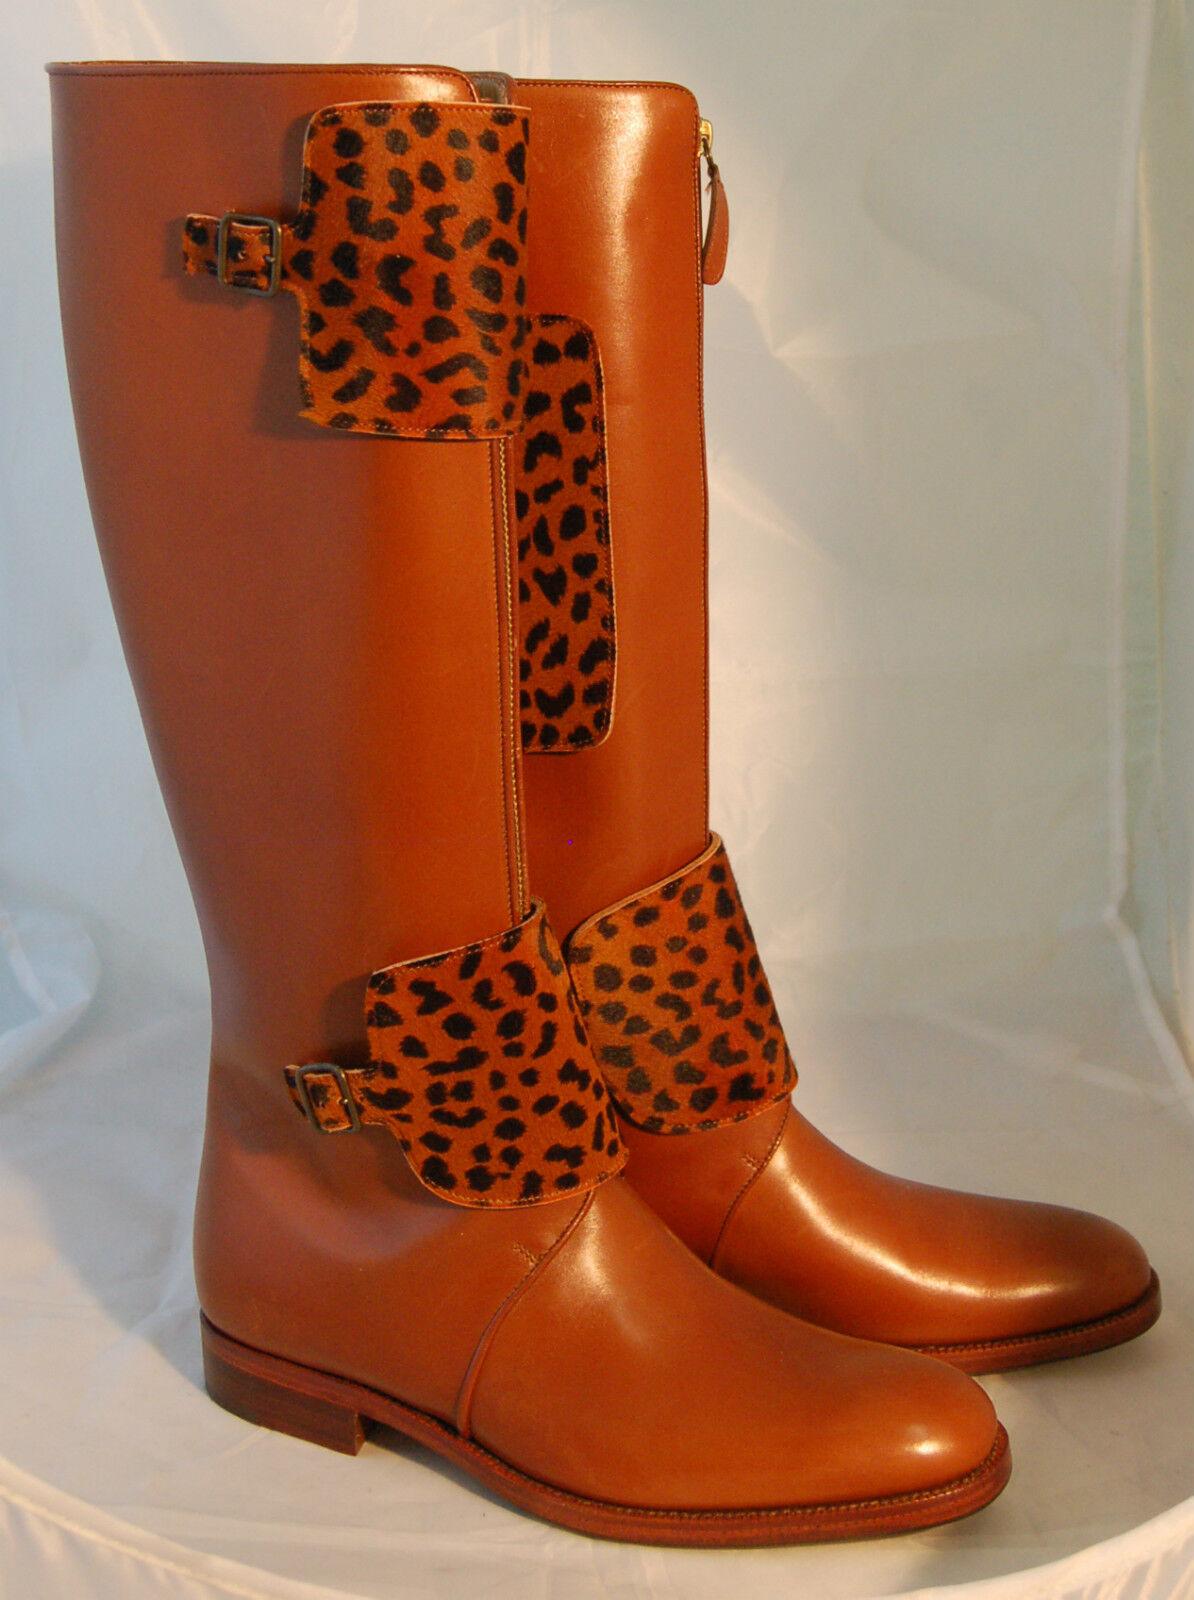 STIVALE DONNA-WOMAN BOOT-40-VIT.COL.CUOIO-CALF LIGTH LIGTH BOOT-40-VIT.COL.CUOIO-CALF BROWN-LTH SOLE+½ RUBBER dfb712